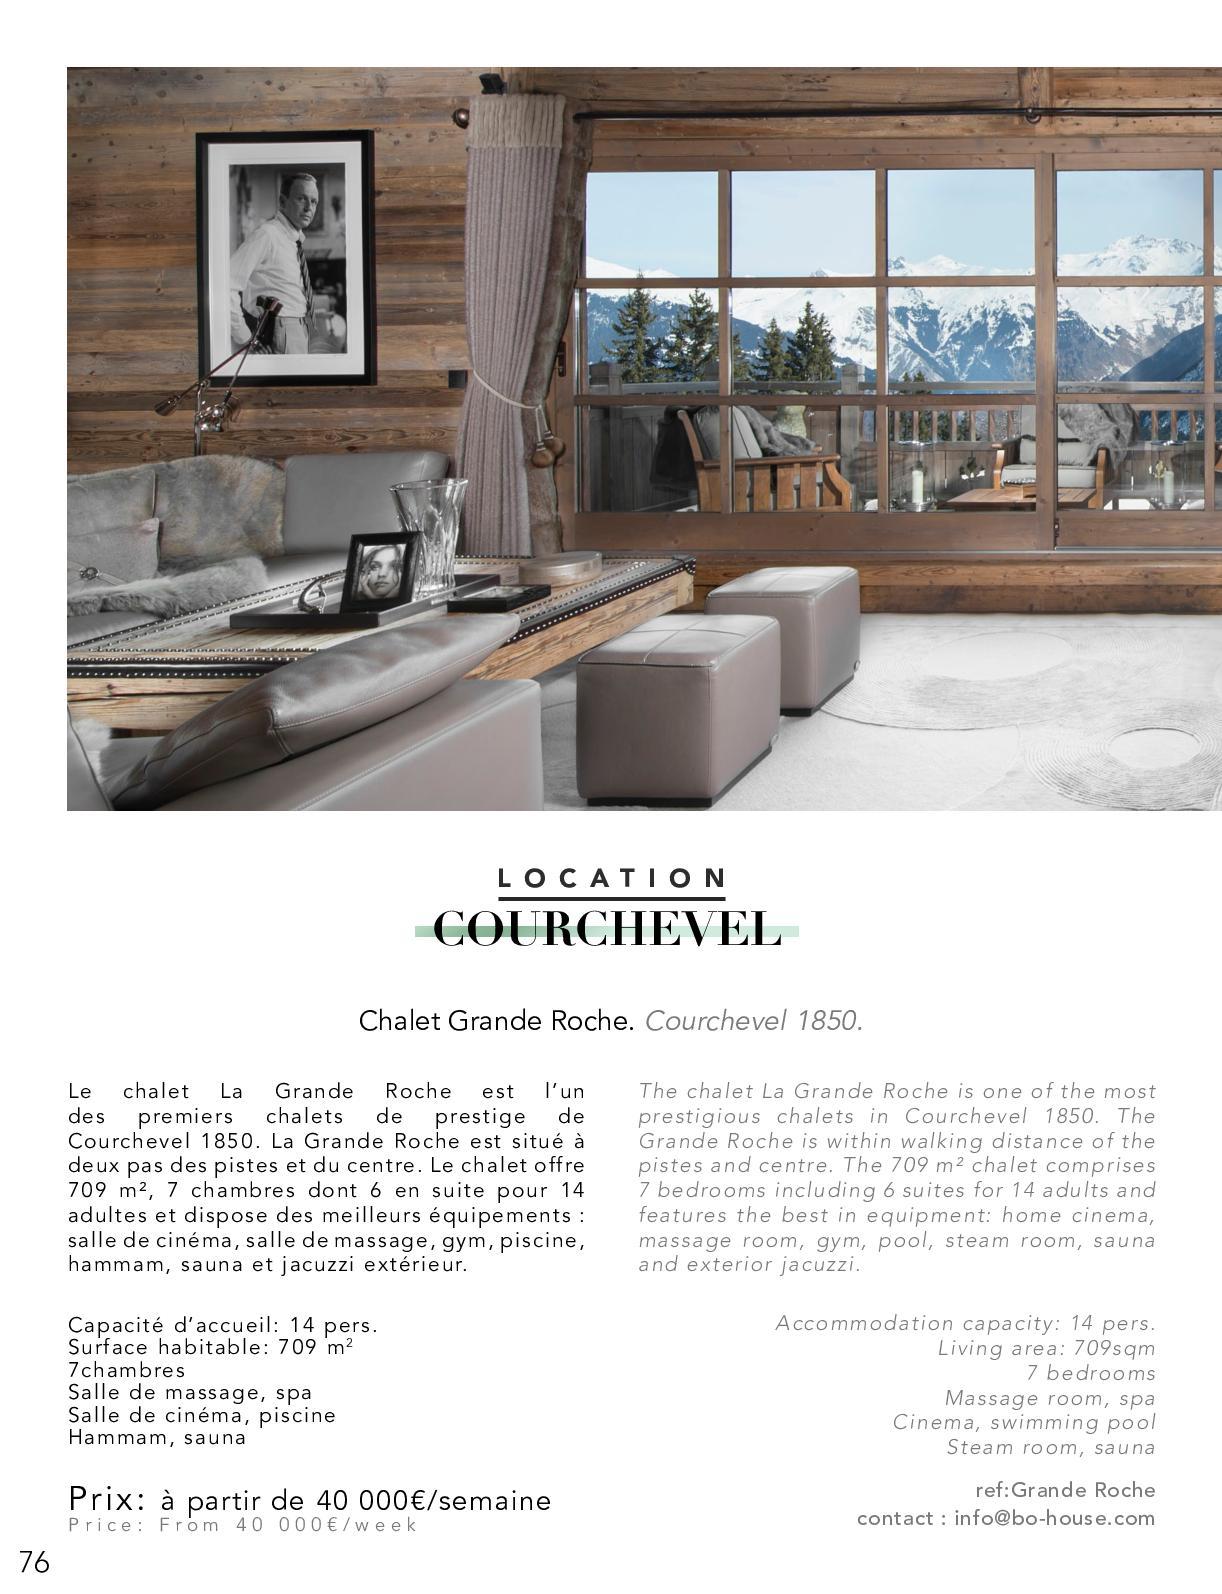 Prix D Un Sauna tardieu immobilier - calameo downloader